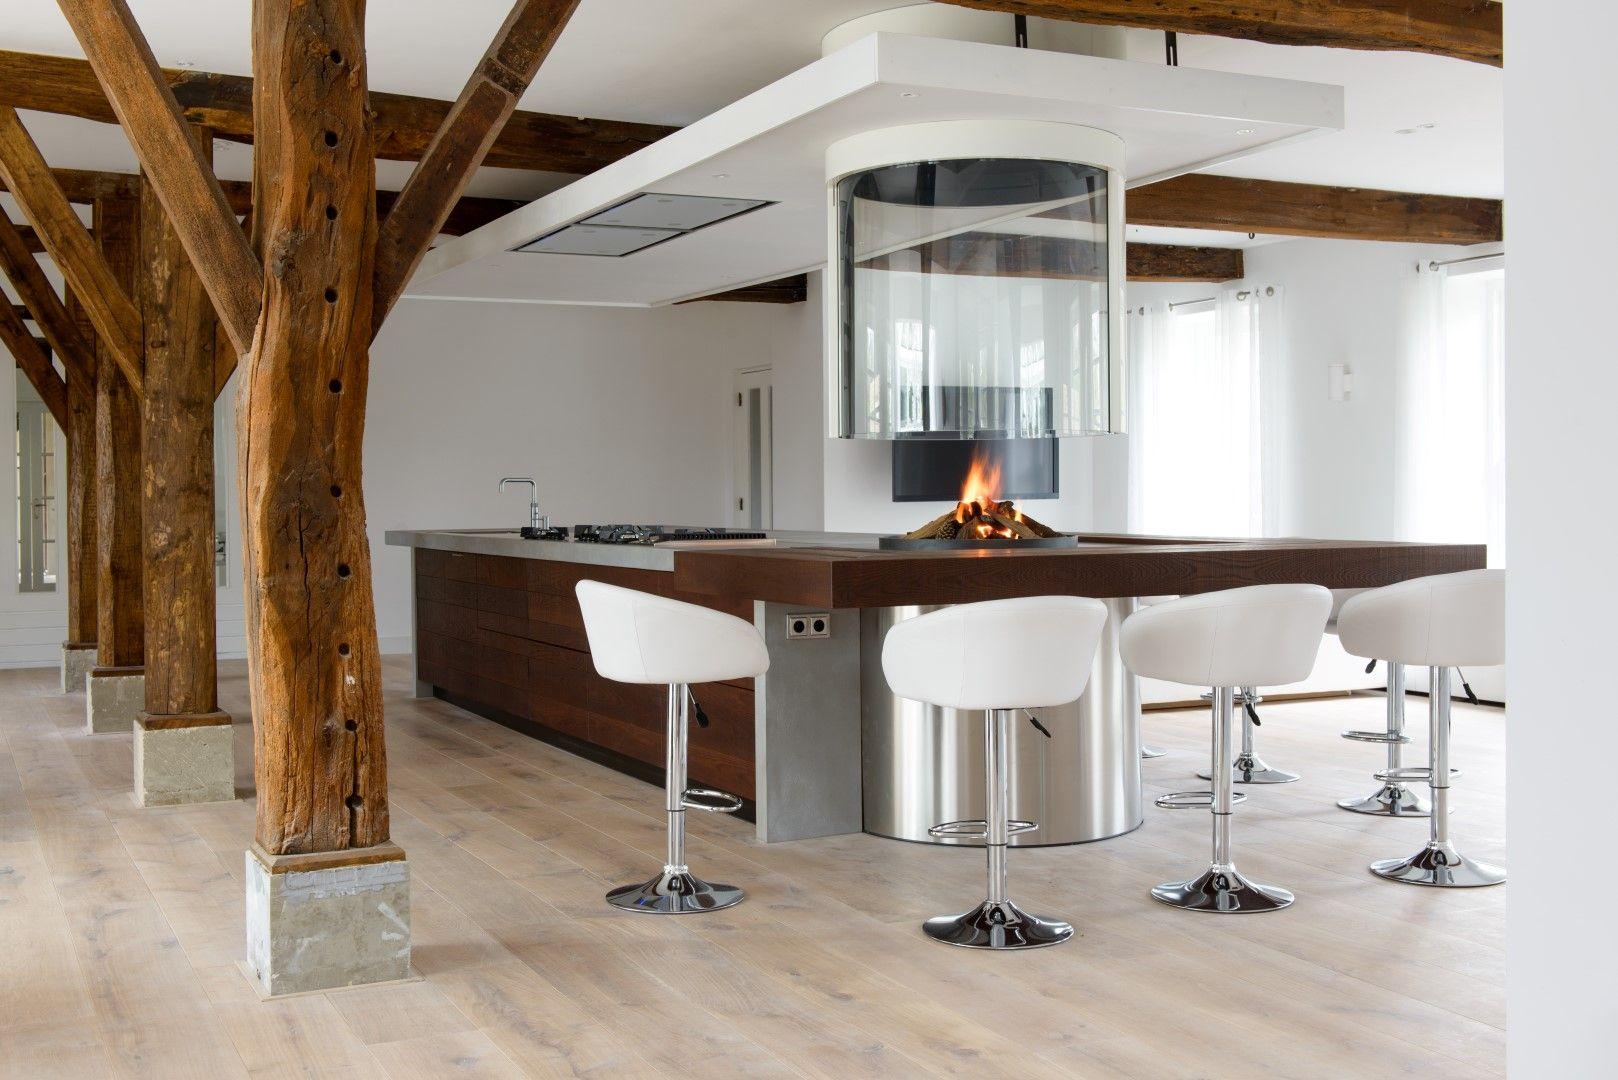 Keukeneiland Werkblad : Teawood betonnen keukeneiland on Pinterest